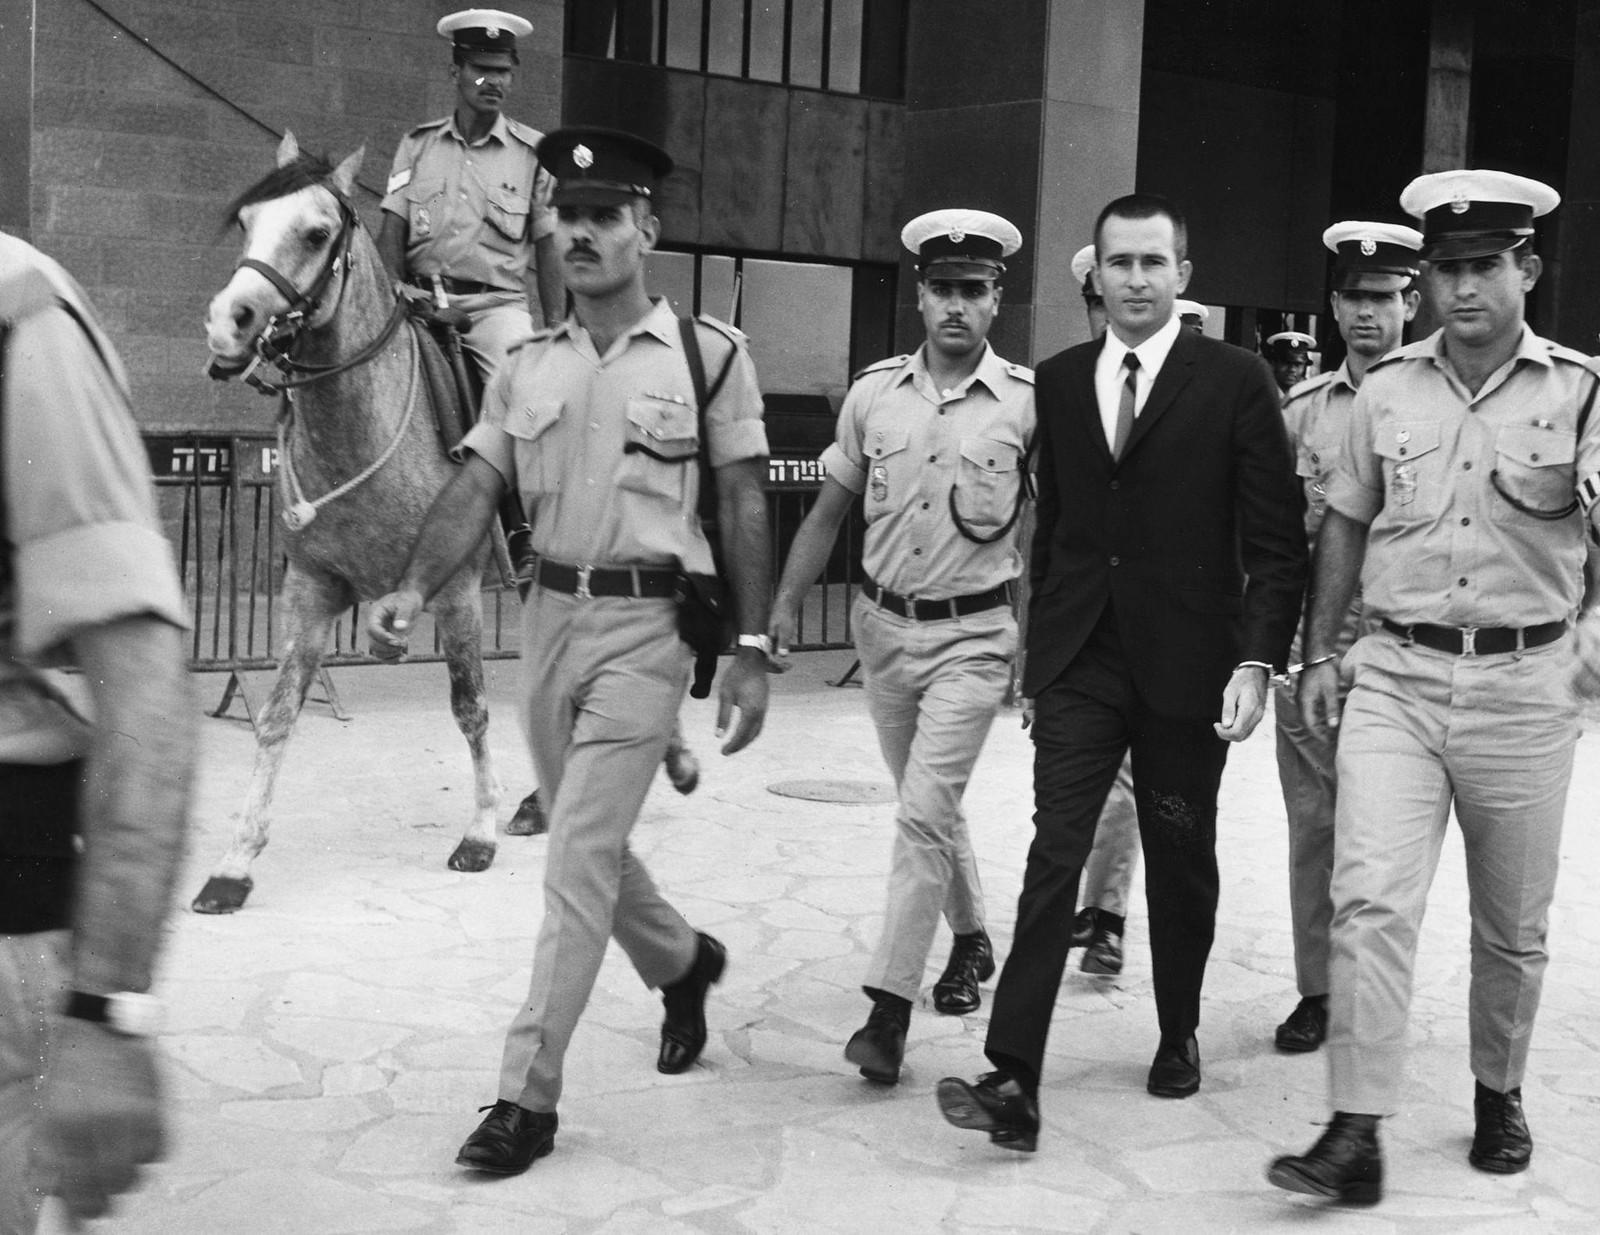 16. Денис Майкл Рохан предстает перед судом, где ему будут предъявлены обвинения в поджоге мечети Аль-Акса в Иерусалиме. 8 октября